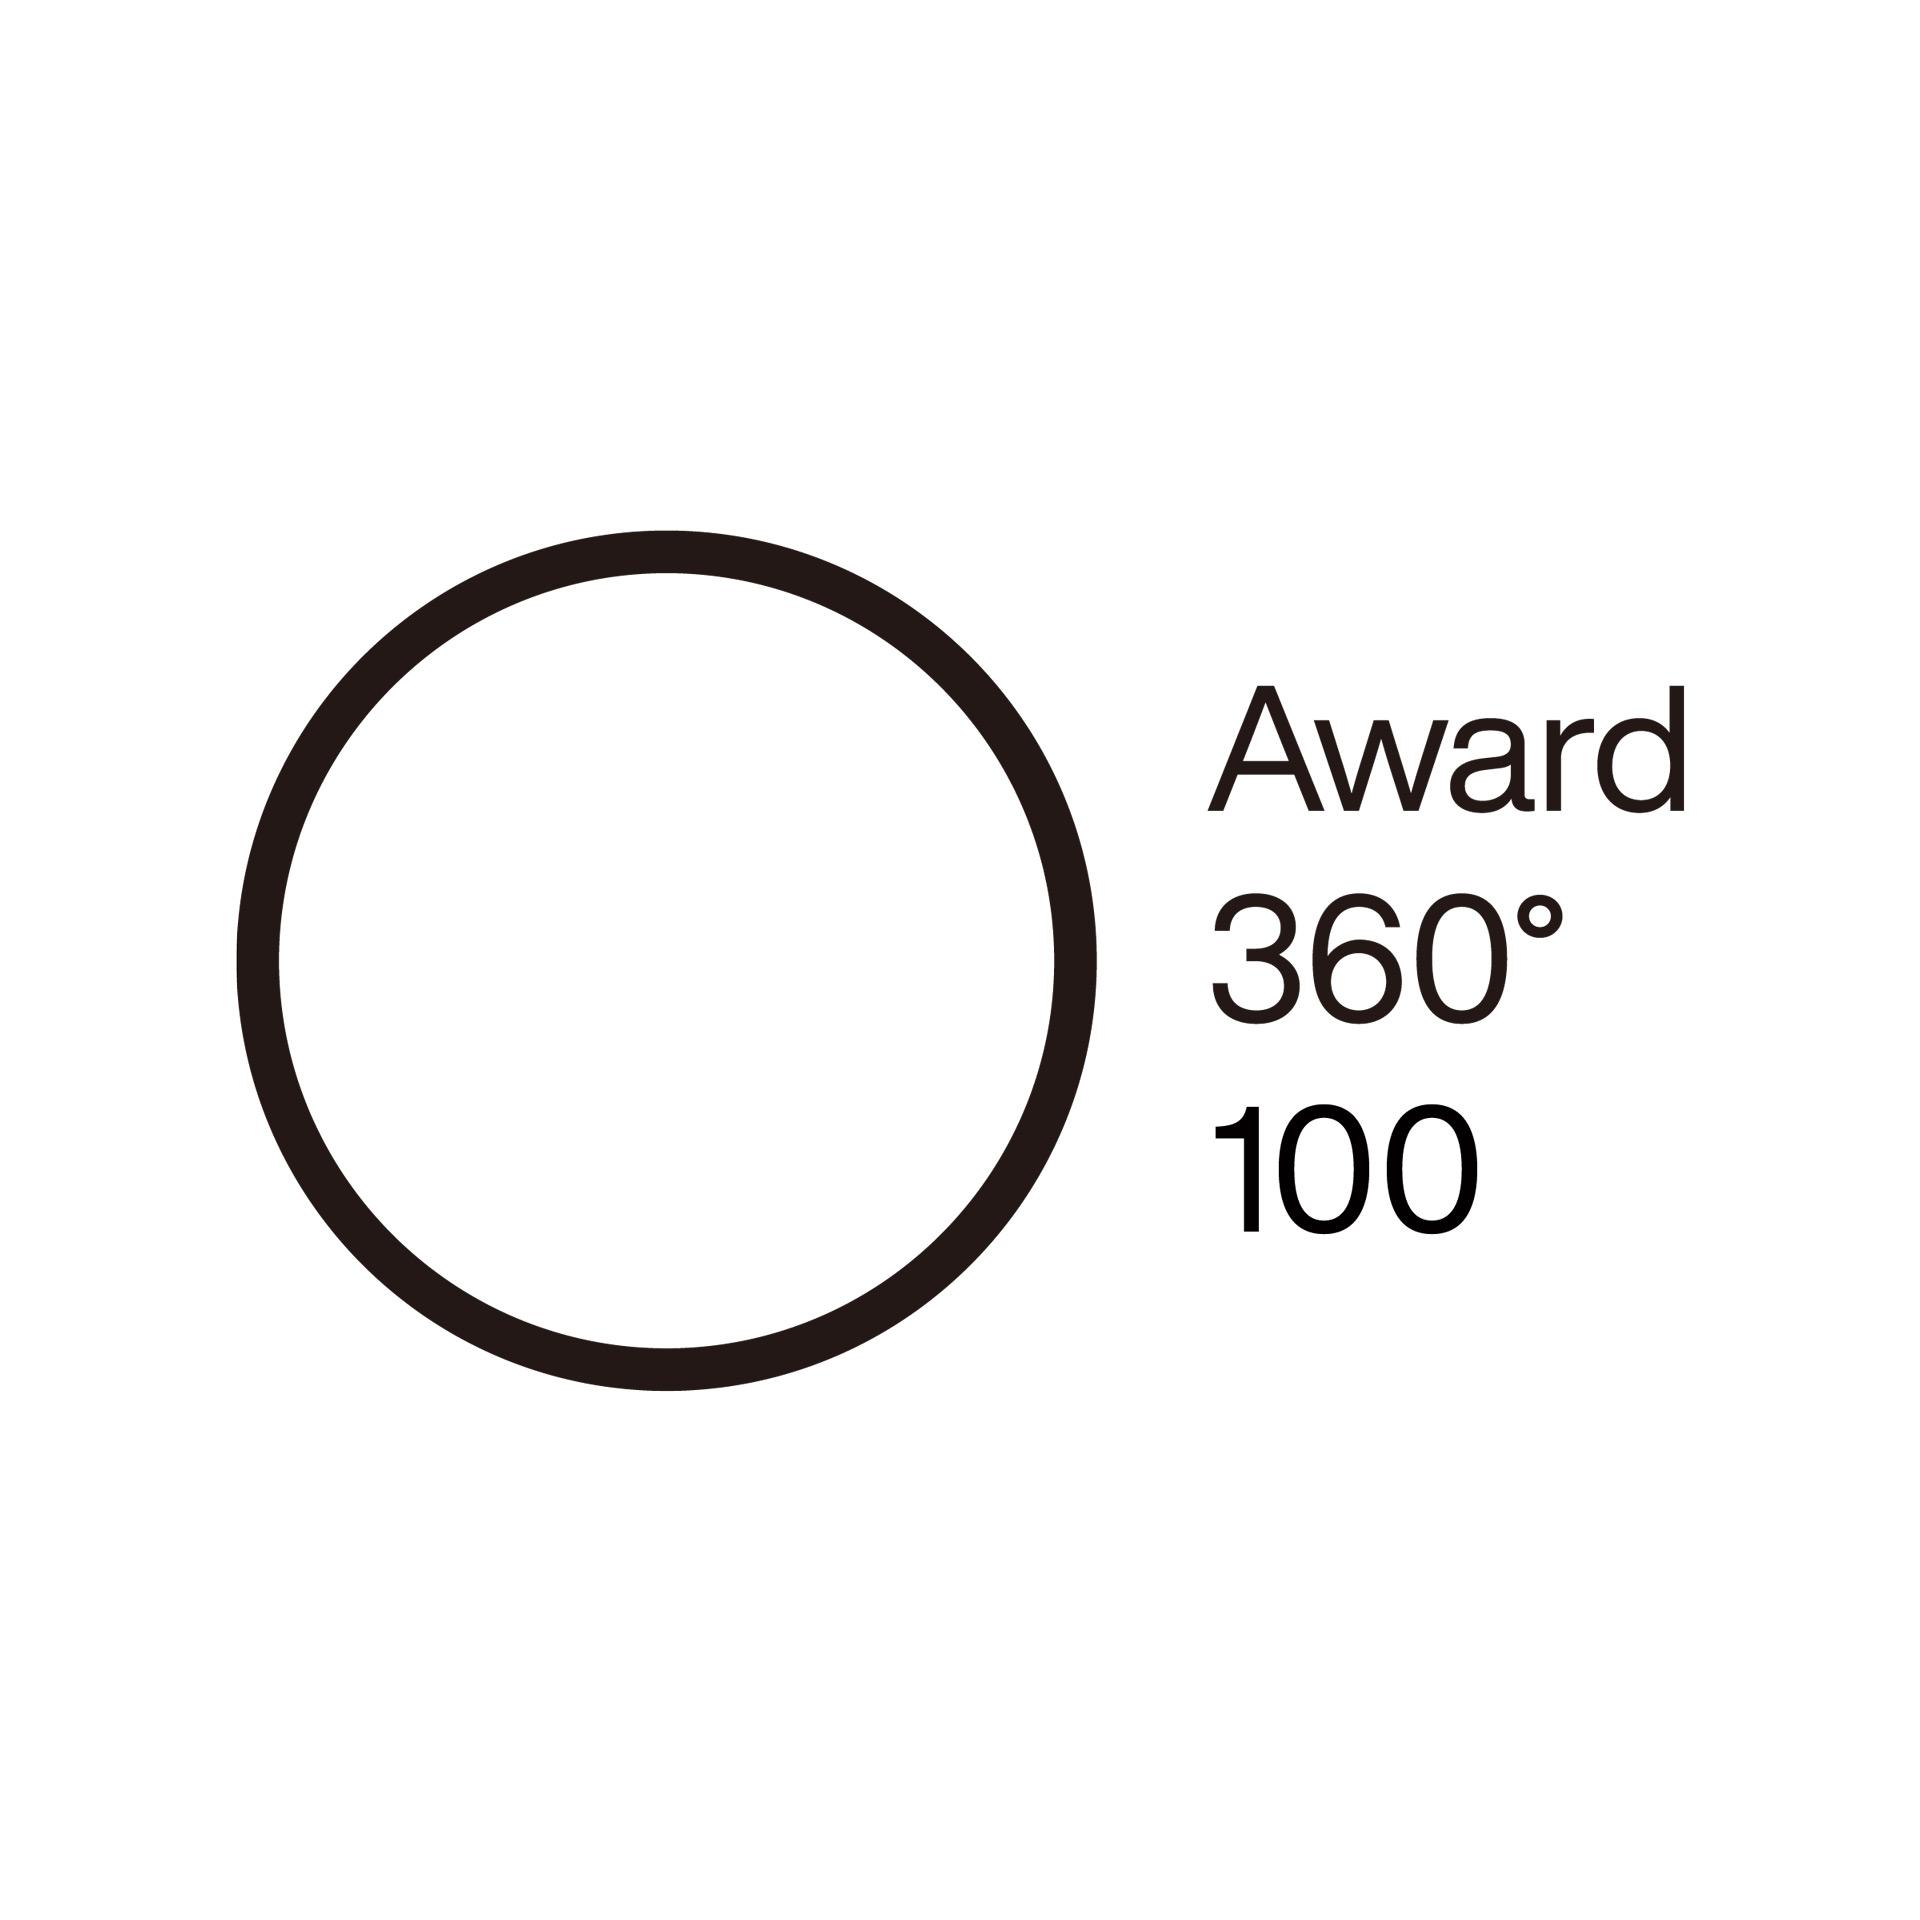 Award360°